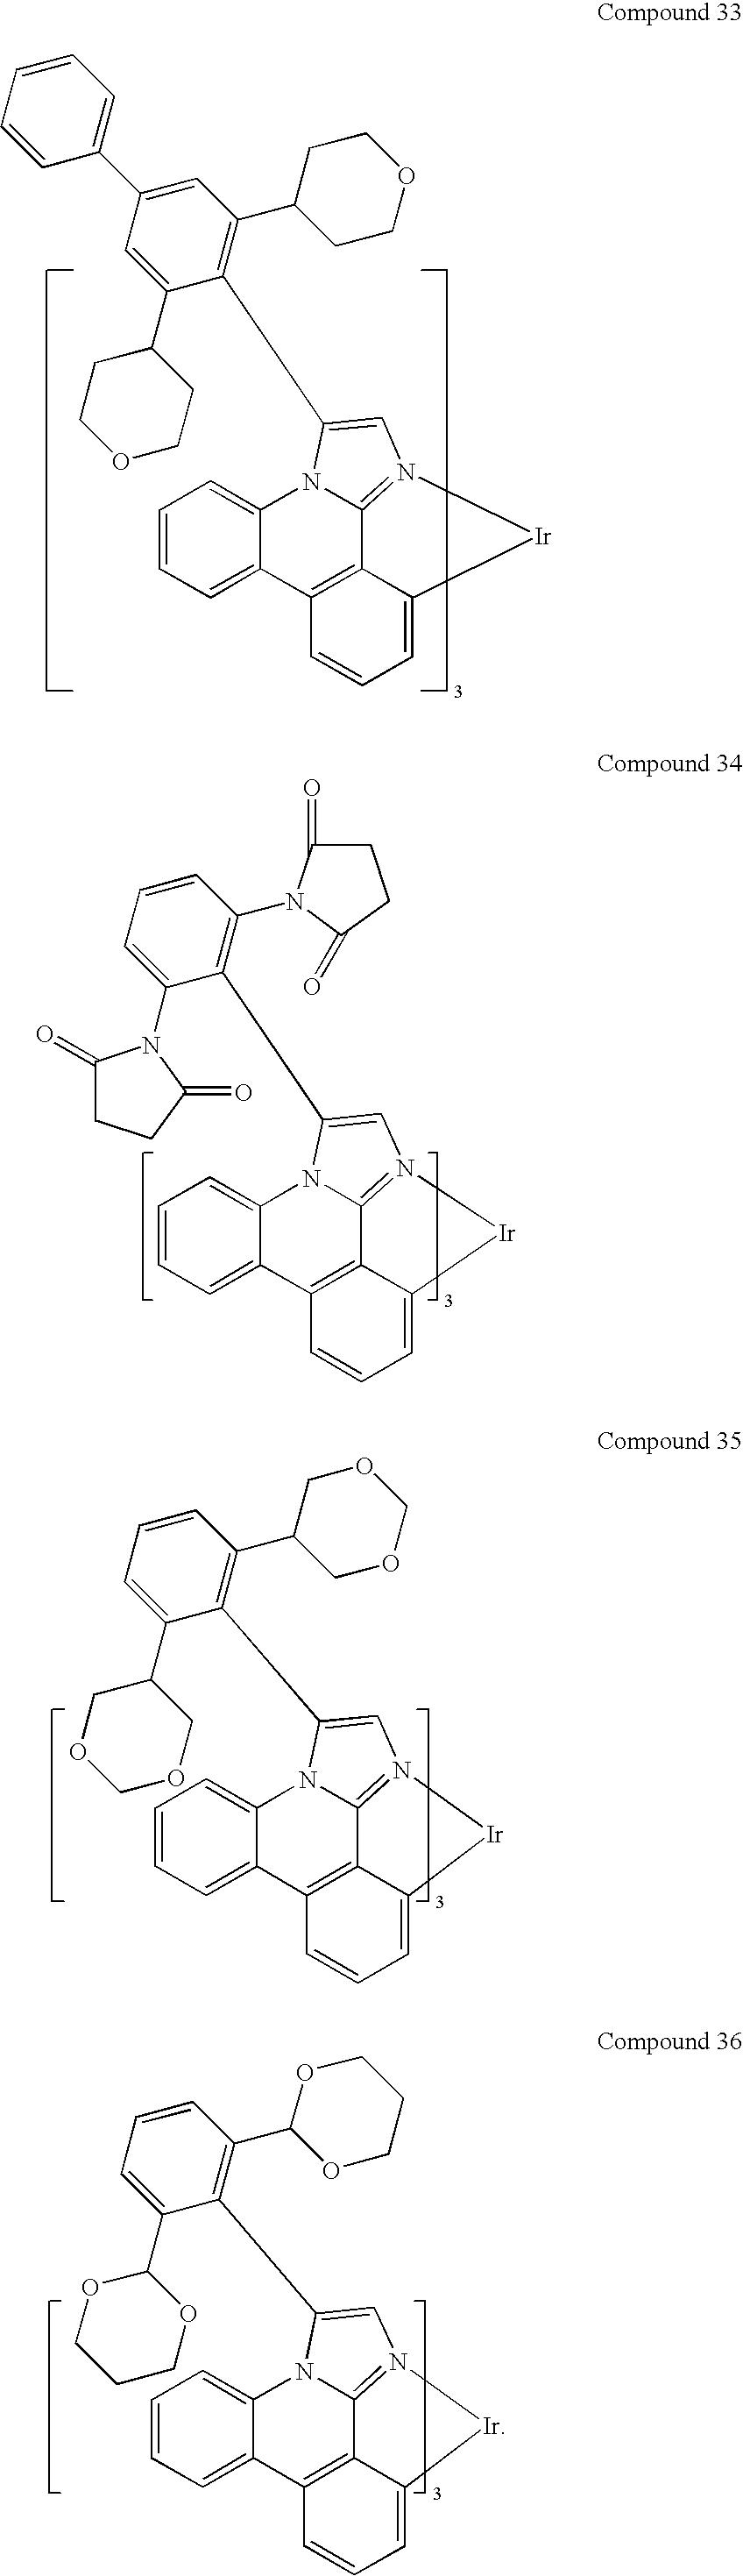 Figure US20100148663A1-20100617-C00025